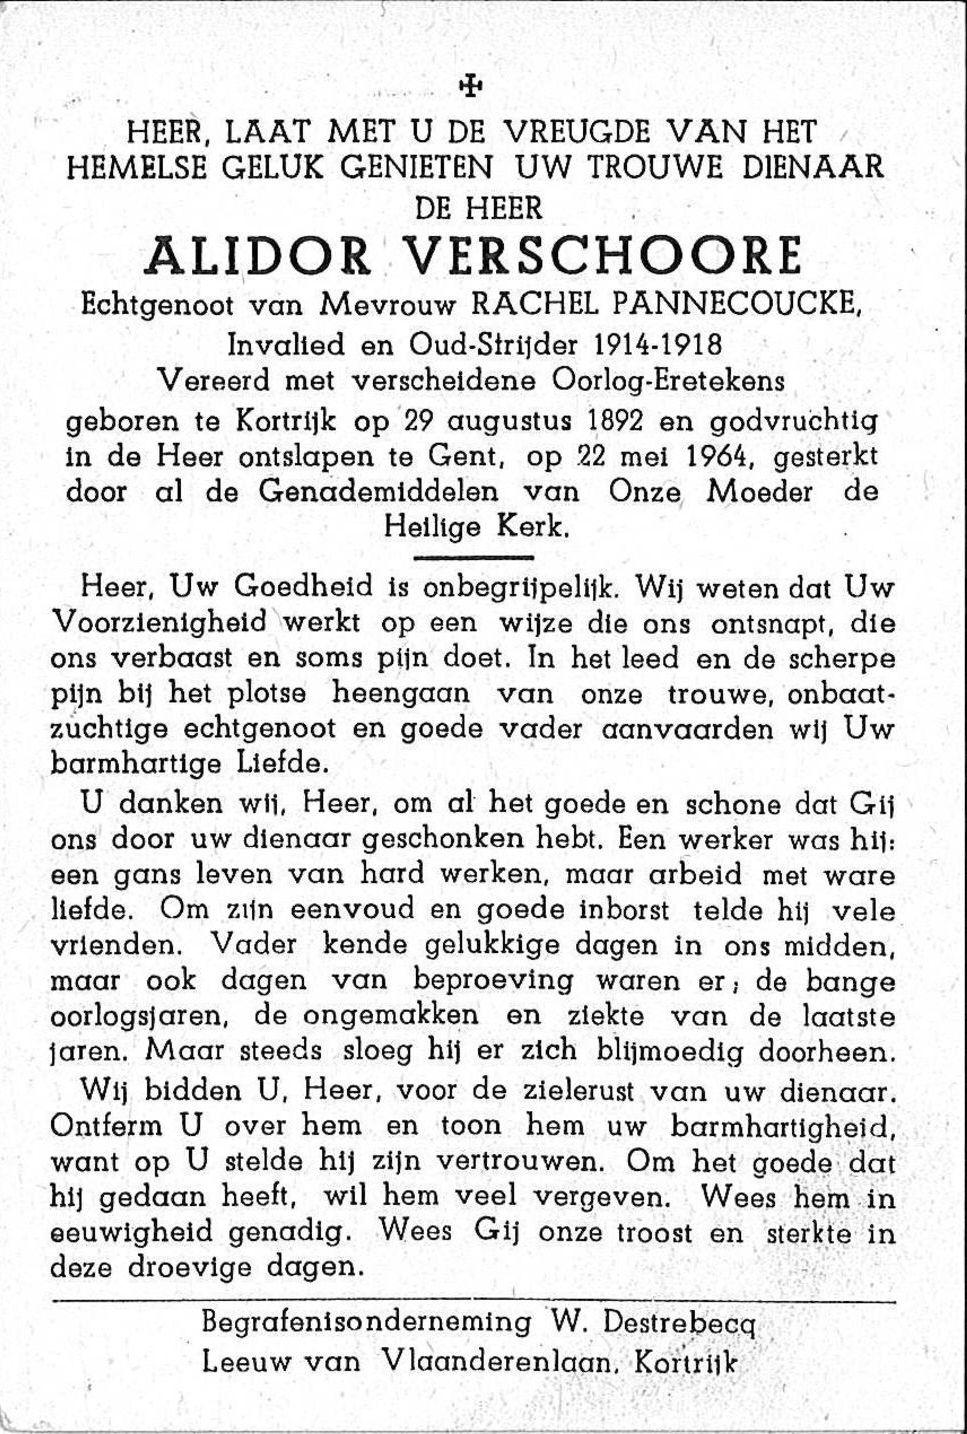 Alidor Verschoore